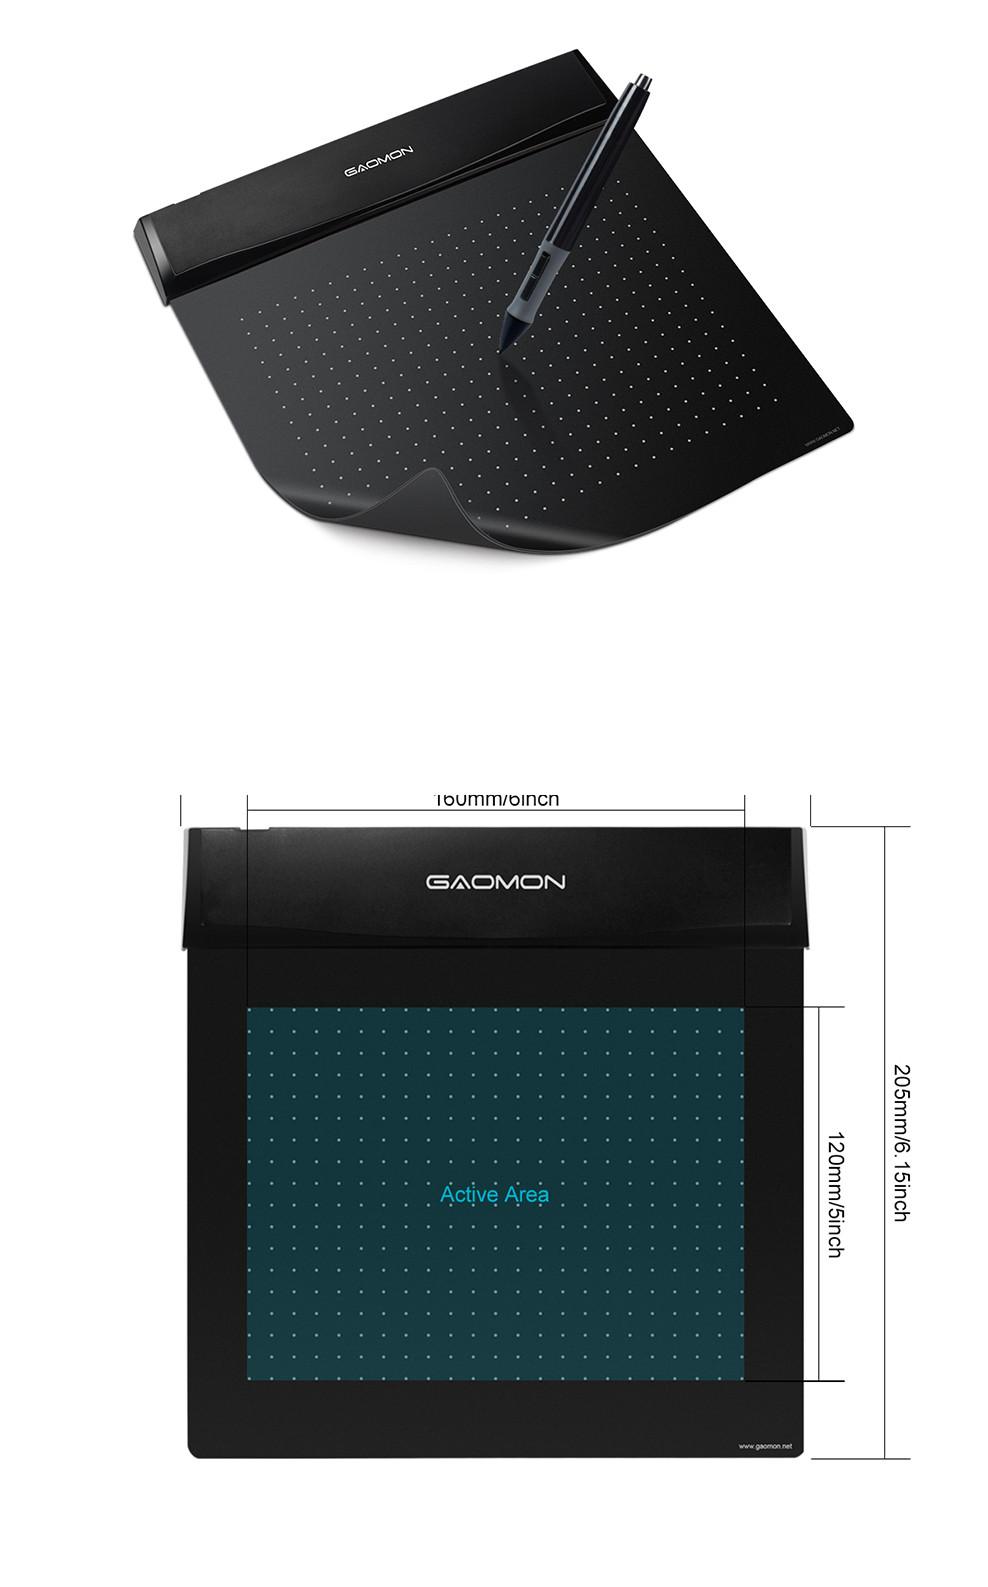 لوحة رقمية صغيرة مرنة للرسم والتصميم الهندسي على الحاسوب 3